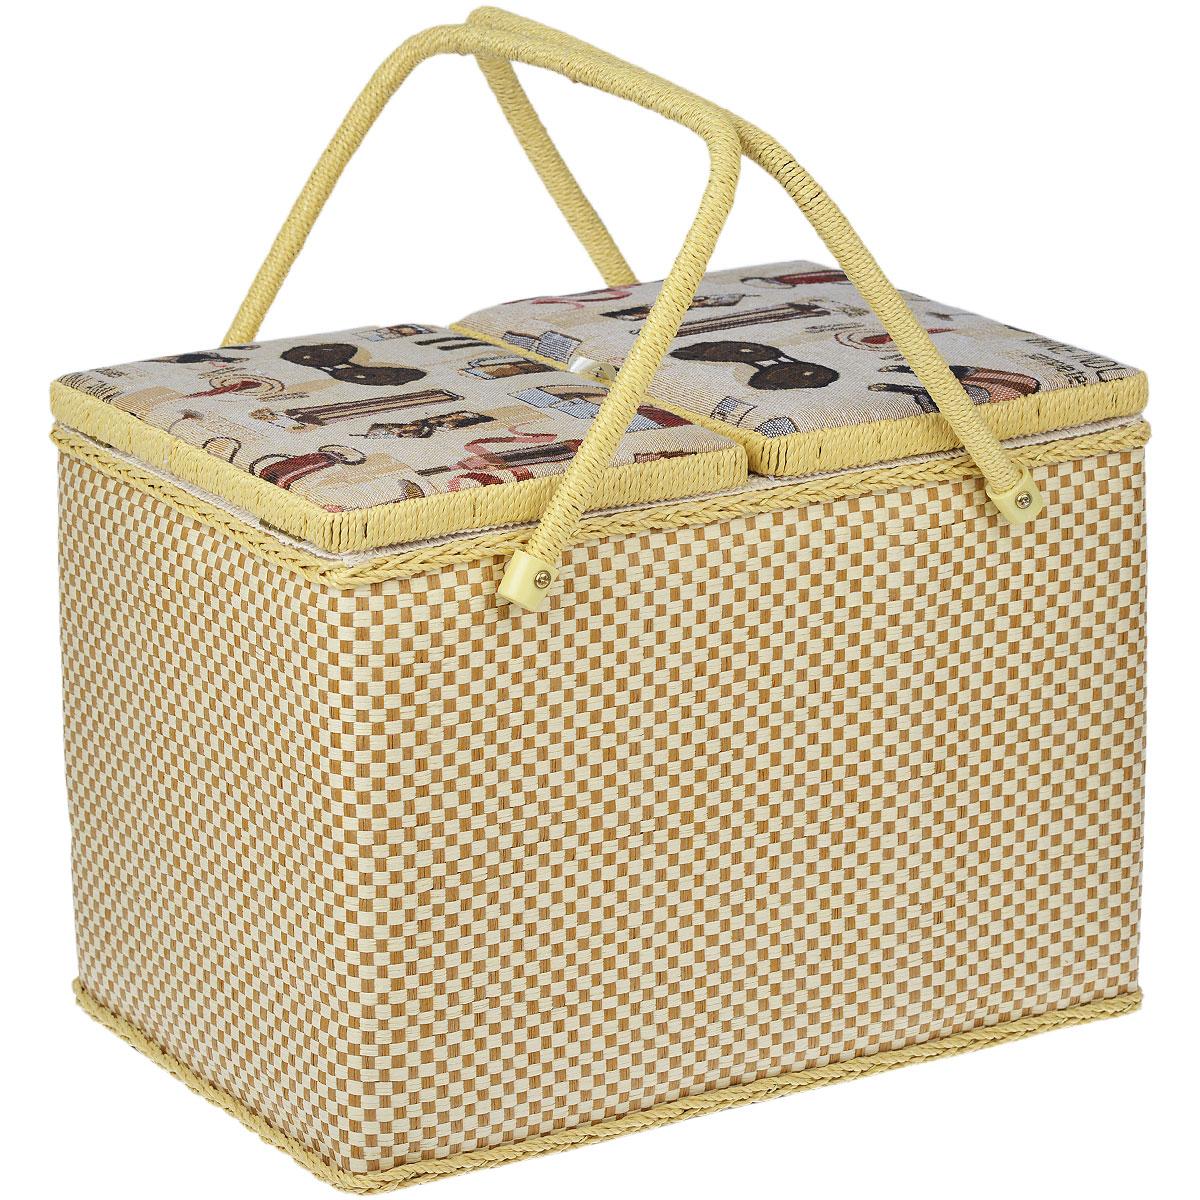 Шкатулка для рукоделия Винная лавка10850/1W GOLD IVORYНабор состоит из двух прямоугольных шкатулок для рукоделия. Изделия обтянуты текстилем с красивой цветочной вышивкой. Шкатулки закрываются хлястиком на липучку. Внутри большой шкатулки содержится кармашек на резинке, подушечка для иголок и булавок, а также съемный пластиковый лоток с 8 ячейками разного размера. Изделия оснащены удобными плетеными ручками. Изящные шкатулки с ярким дизайном предназначены для хранения мелочей, принадлежностей для шитья и творчества и других аксессуаров. Они красиво оформят интерьер комнаты и помогут хранить ваши вещи в порядке. Прекрасный подарок для рукодельницы.